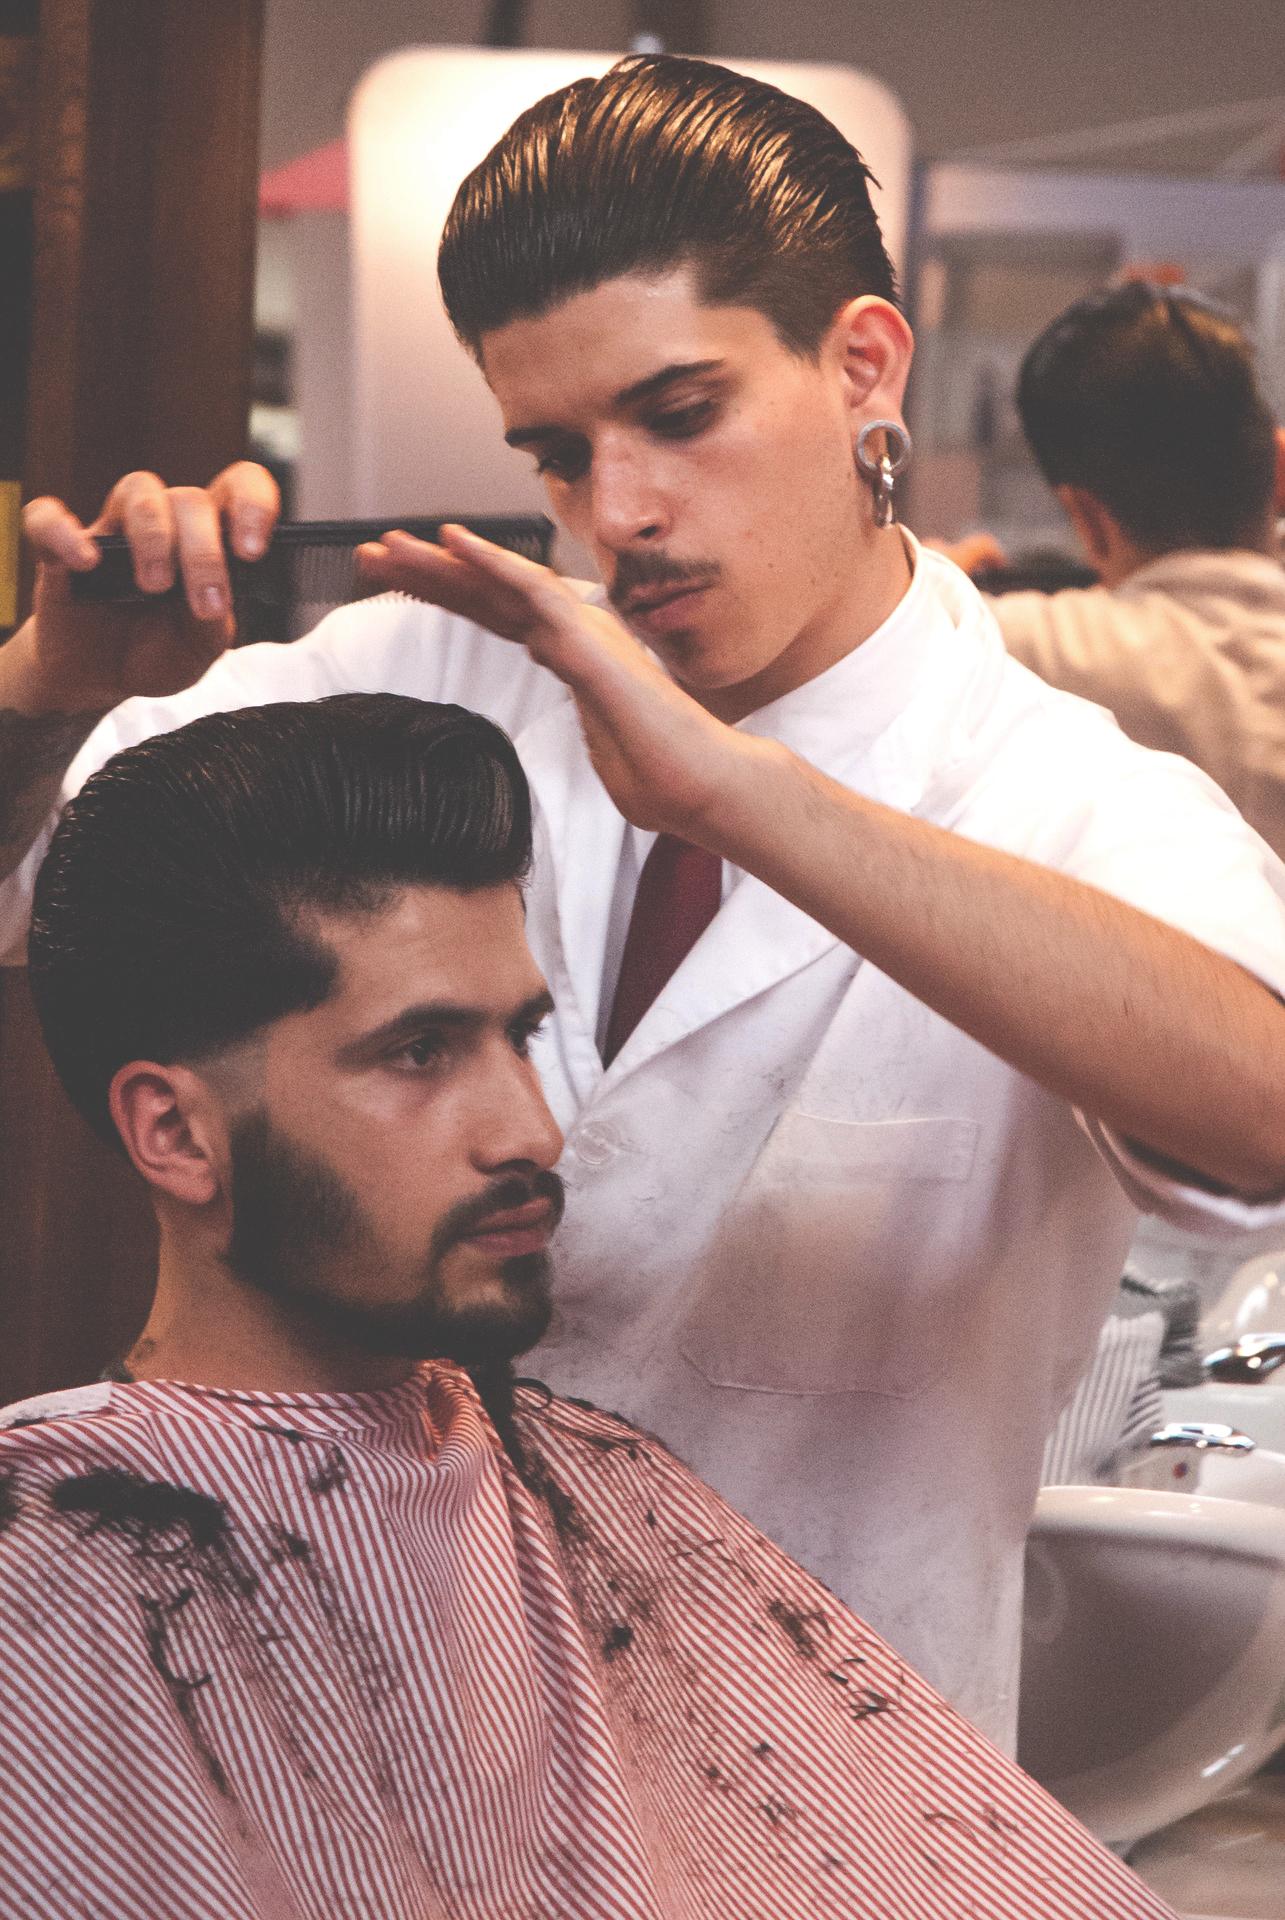 hairdresser-1311791_1920